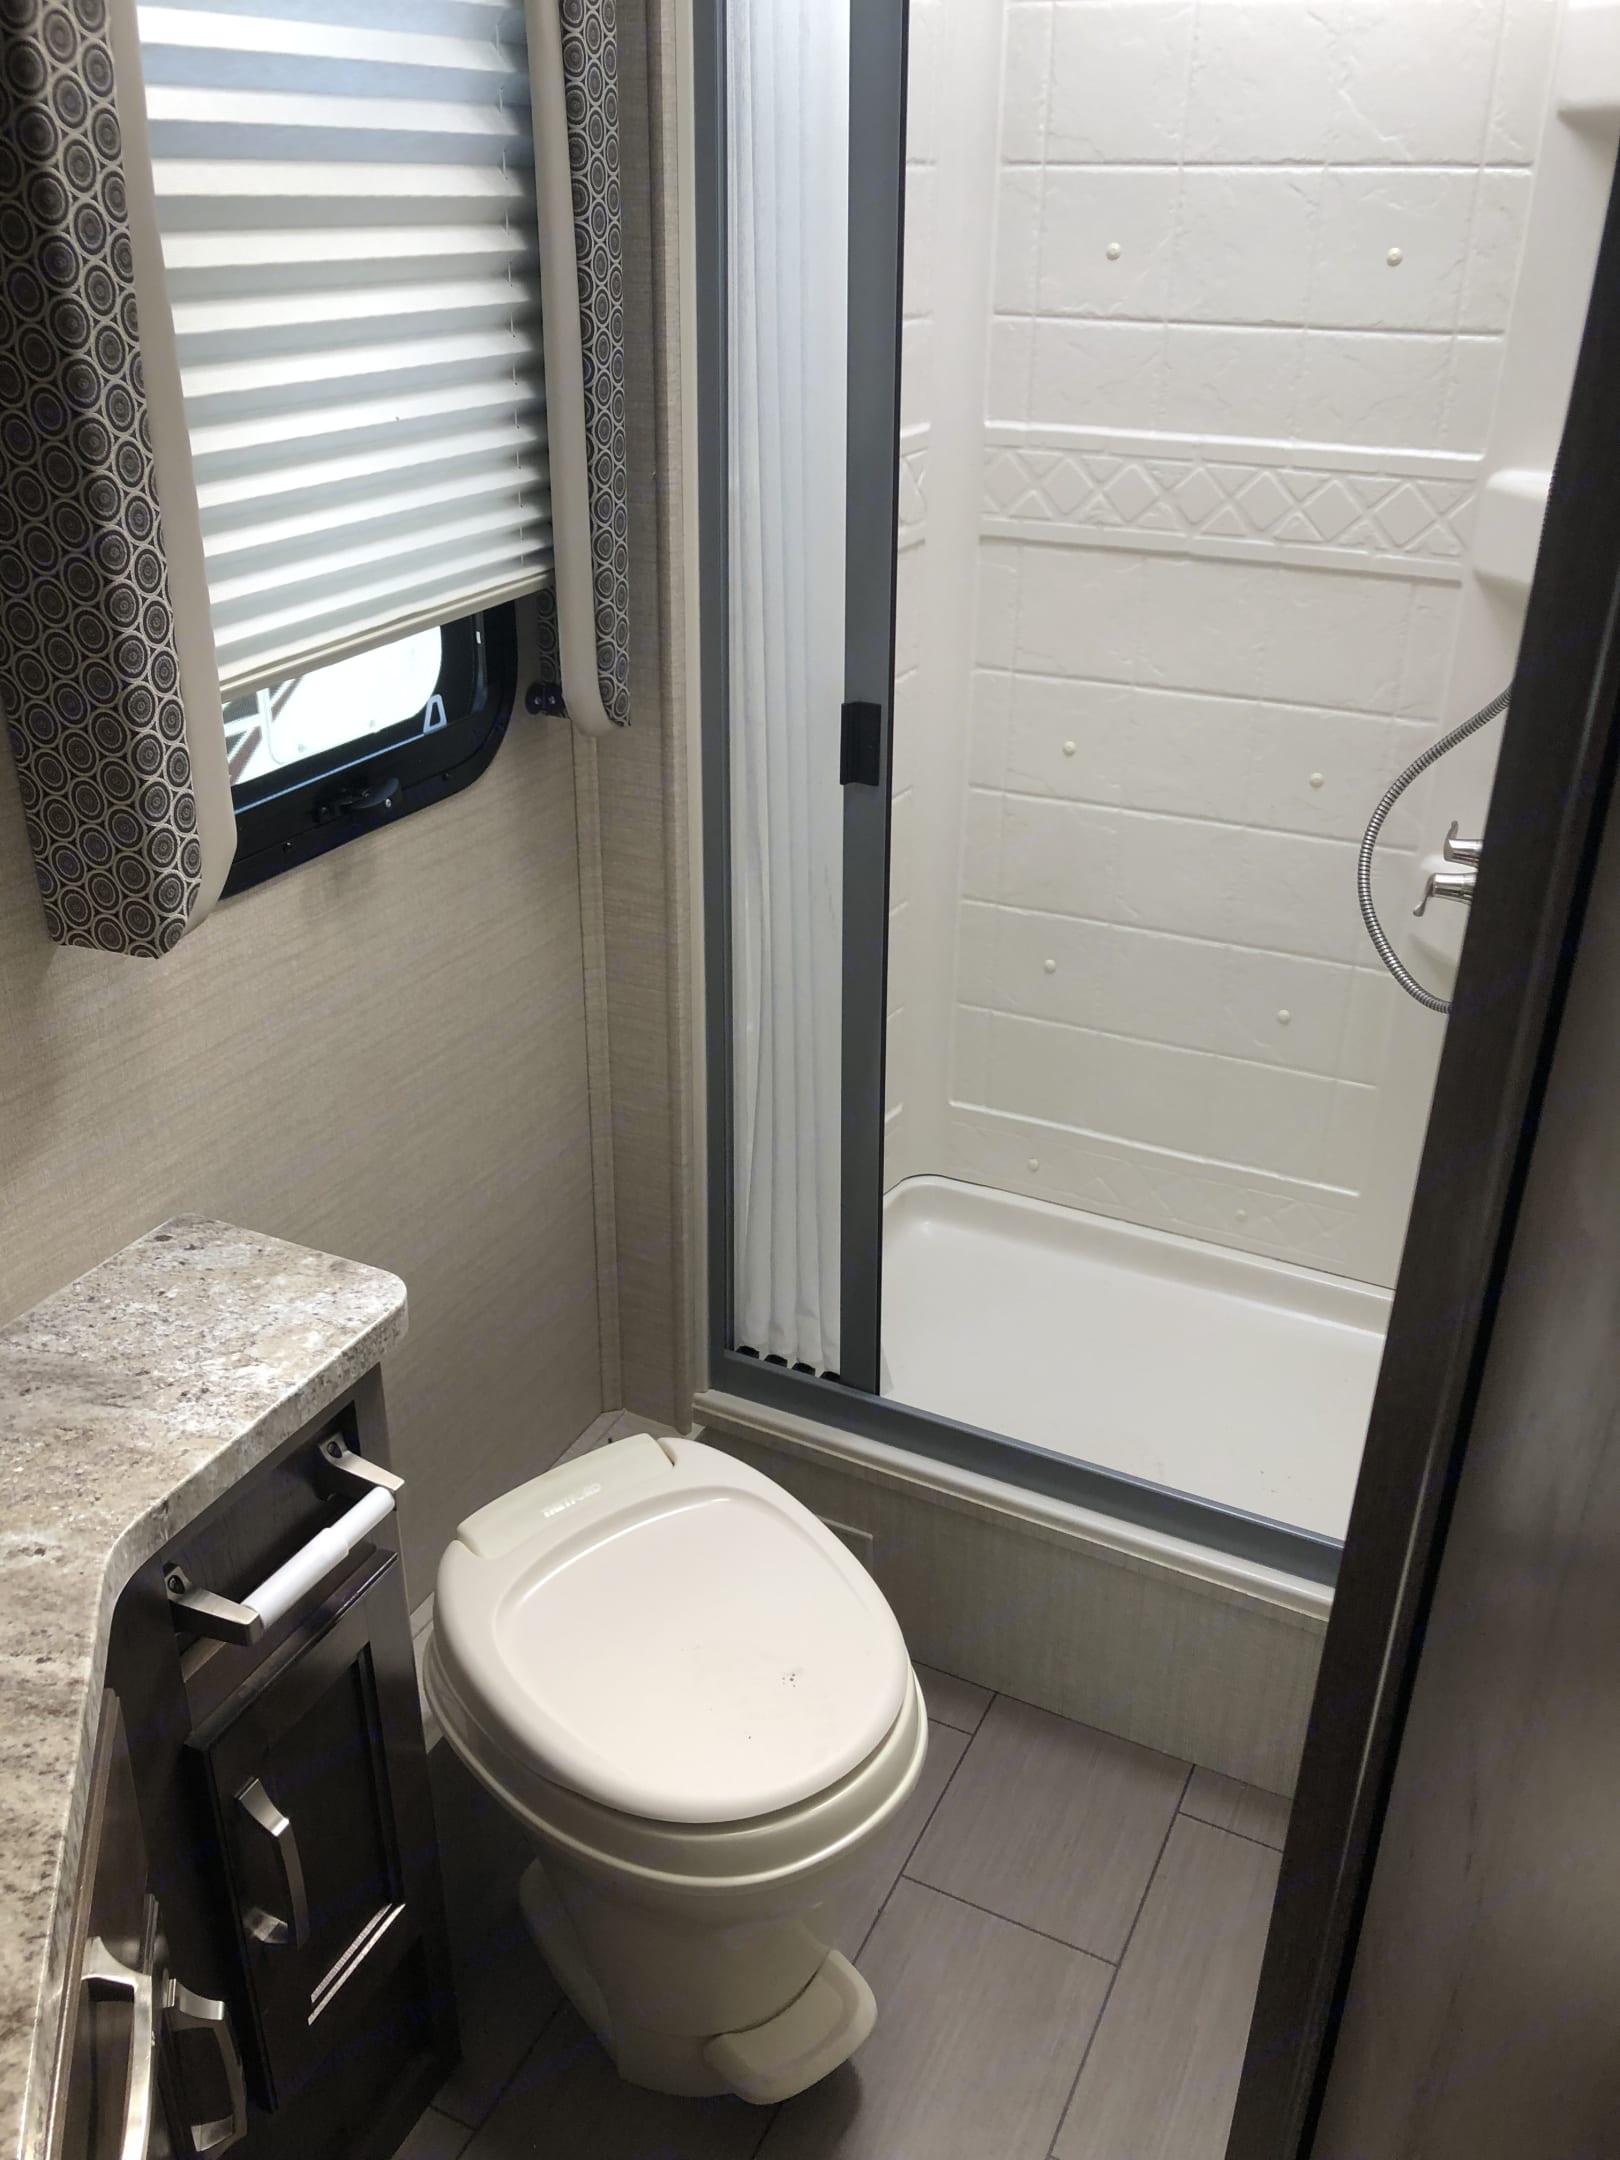 Bath - more pics to come. Jayco Melbourne 24L 2019